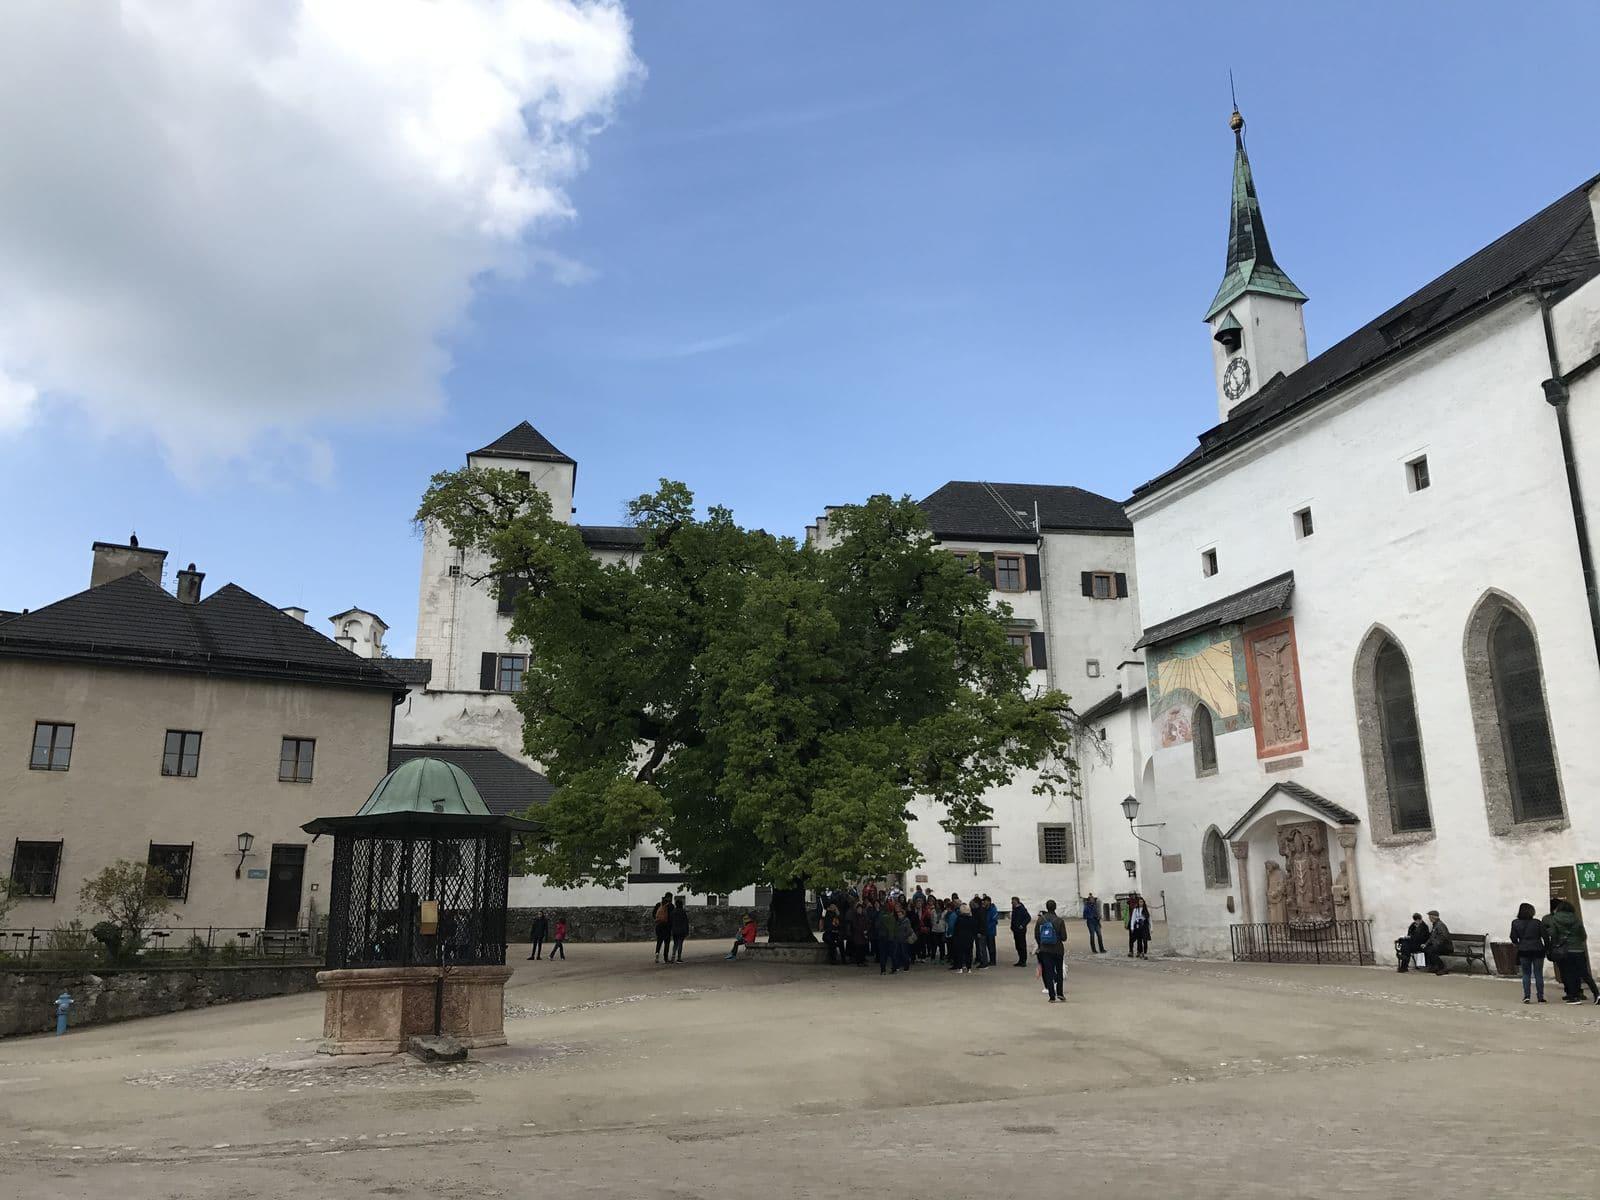 Il cortile della fortezza di Salisburgo